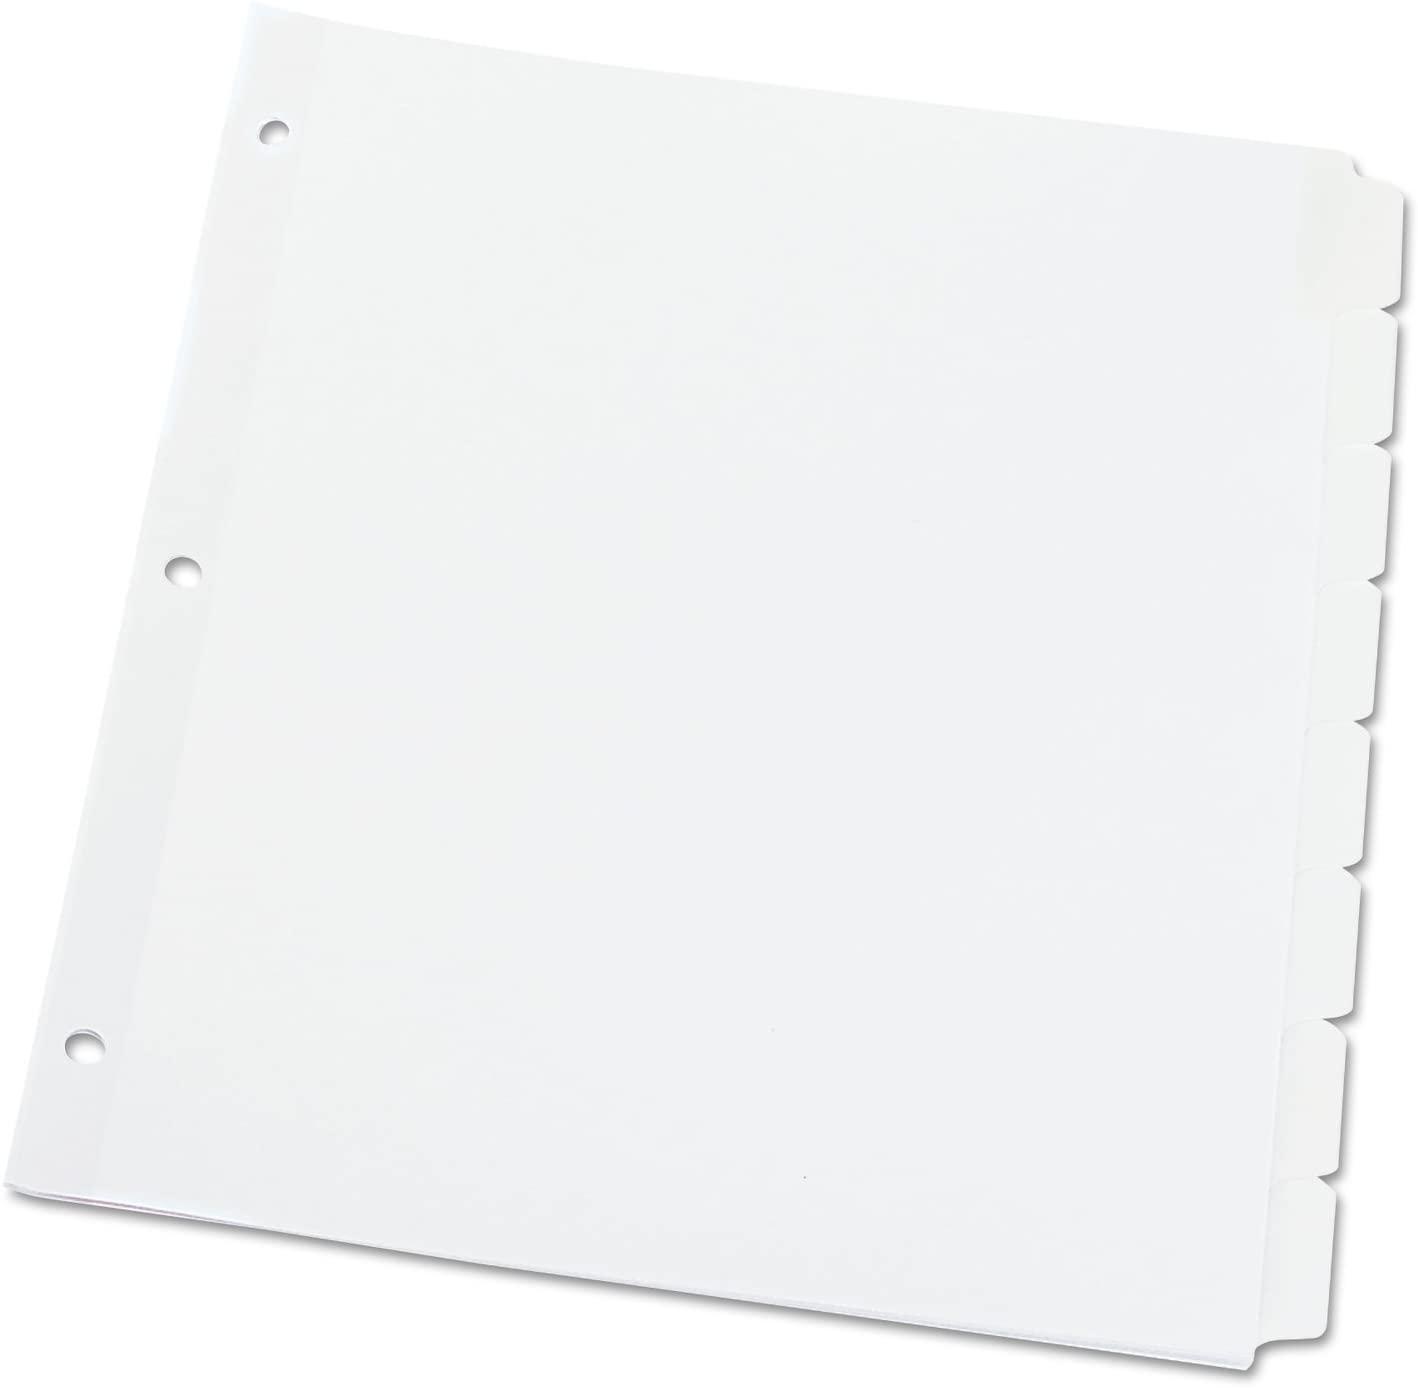 Universal 20818 Write-On/Erasable Indexes, Eight White Tabs, Letter, White